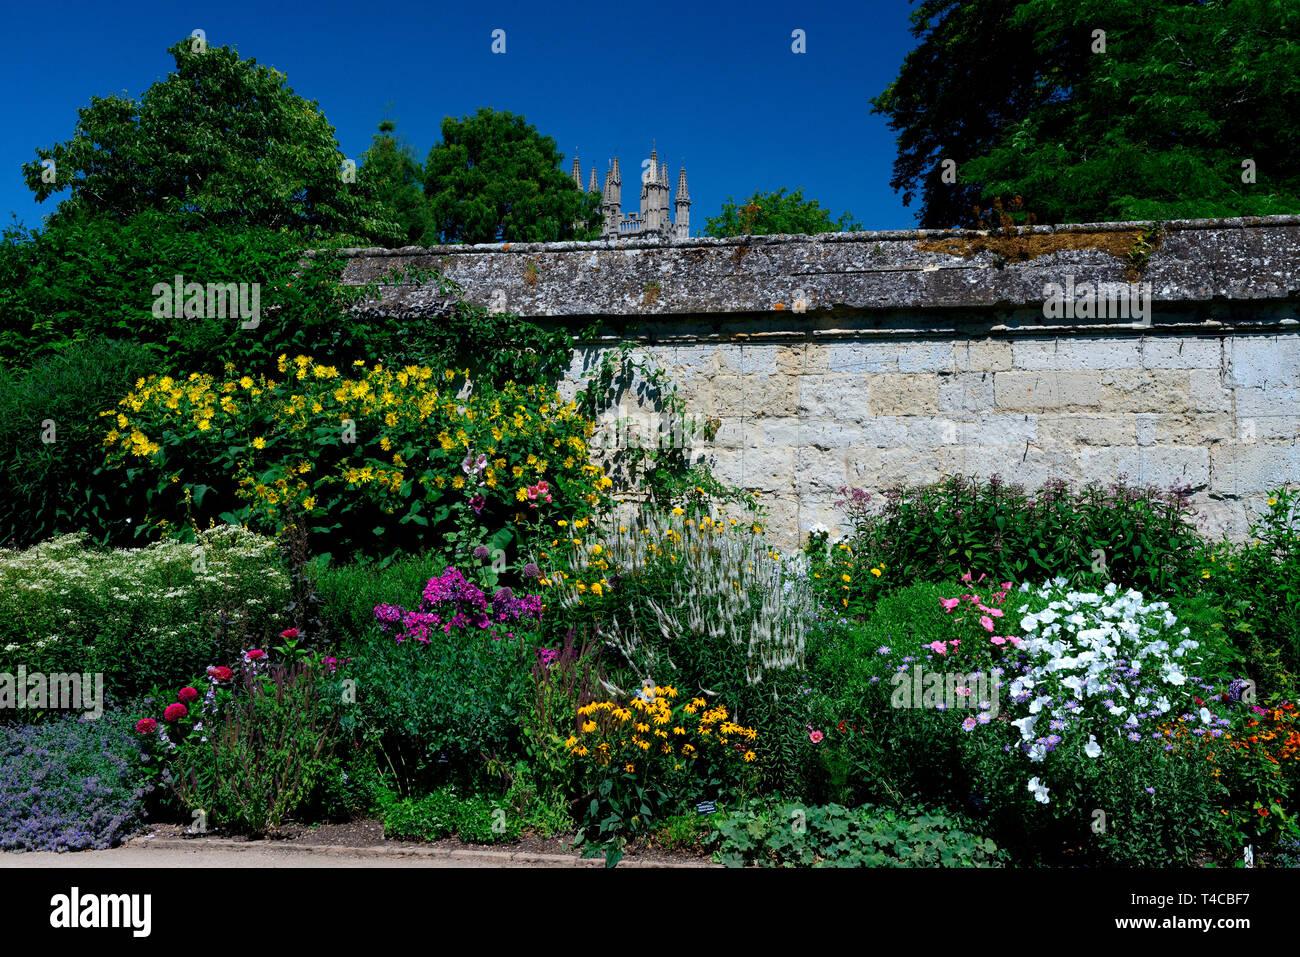 Botanischer Garten, Oxford, Oxfordshire, England, Grossbritannien - Stock Image